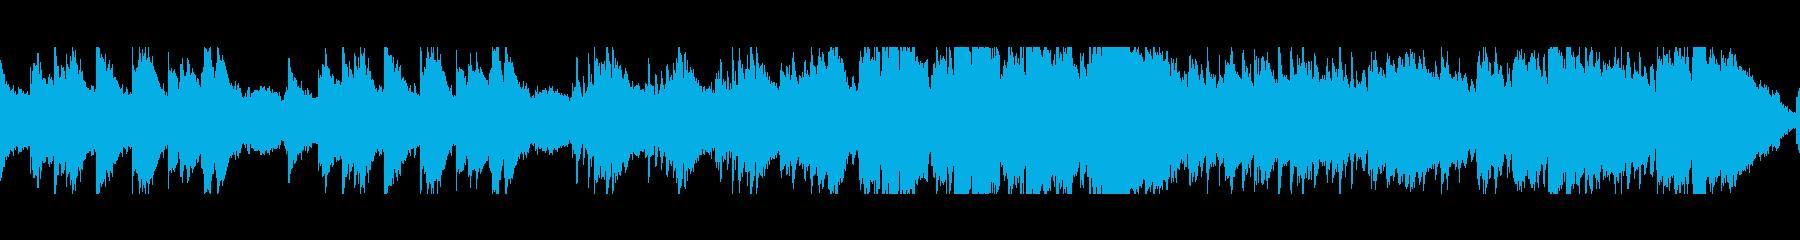 穏やかなケルト曲(ループ)の再生済みの波形